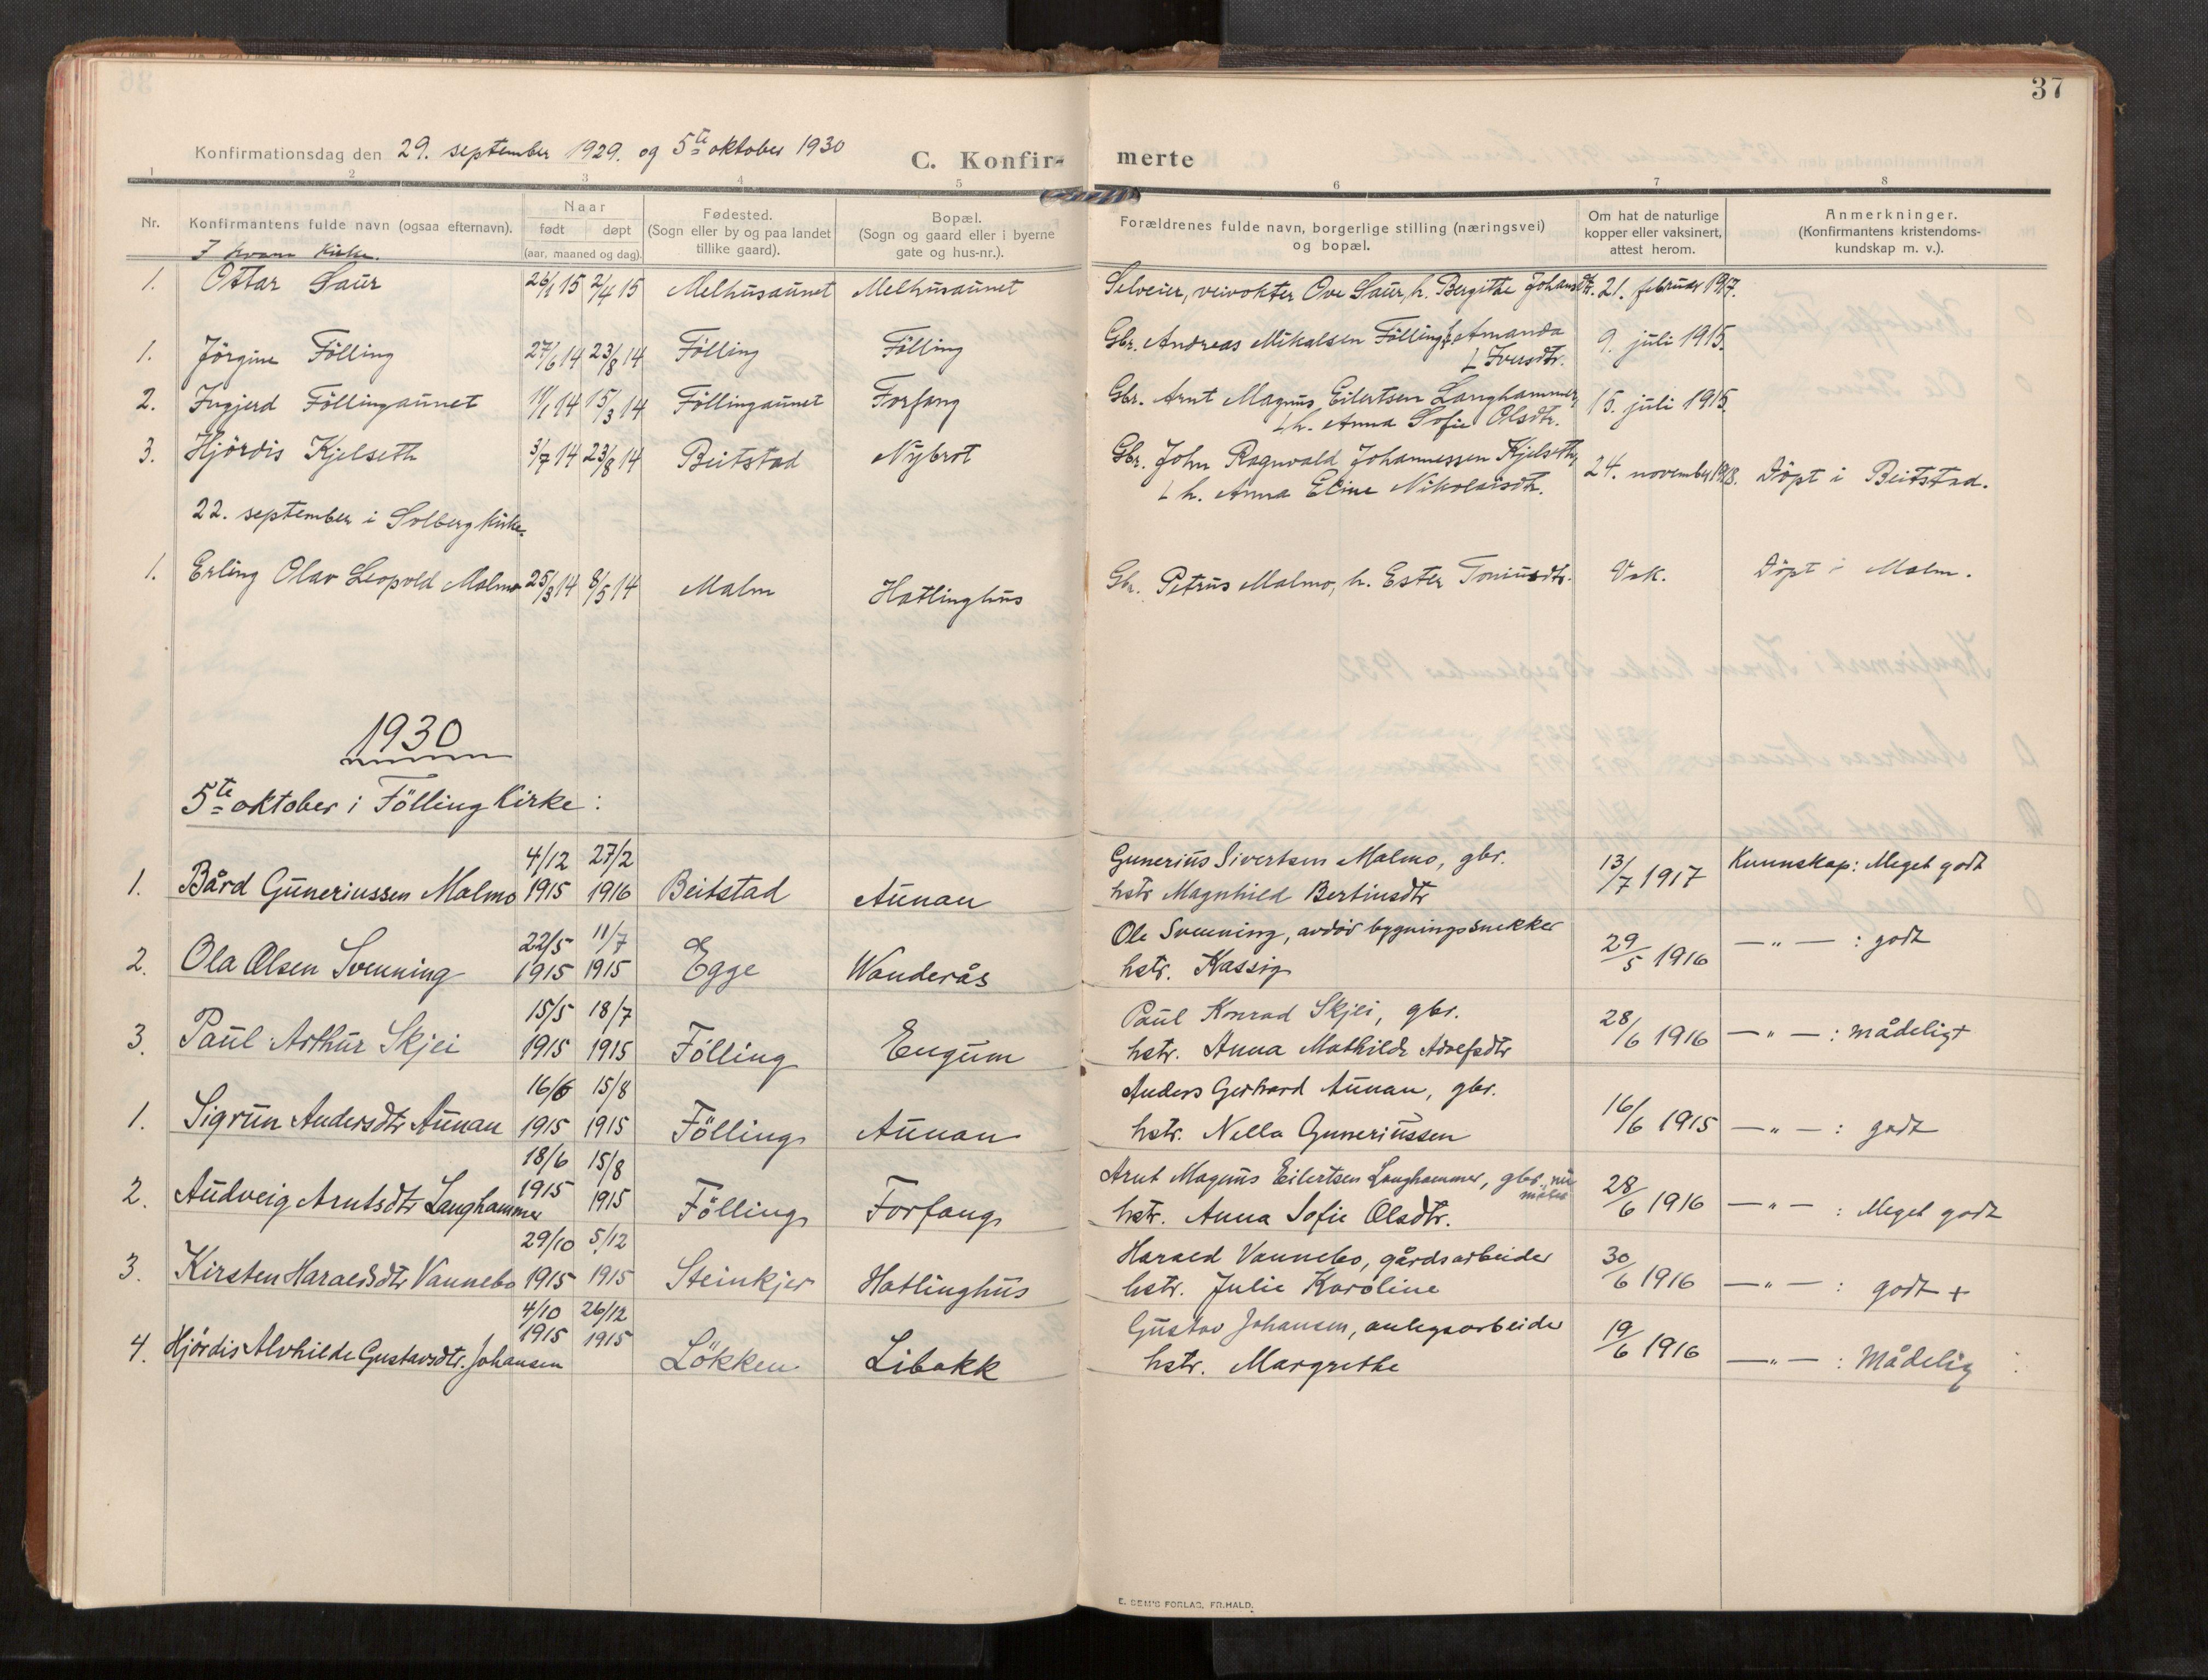 SAT, Stod sokneprestkontor, I/I1/I1a/L0003: Parish register (official) no. 3, 1909-1934, p. 37